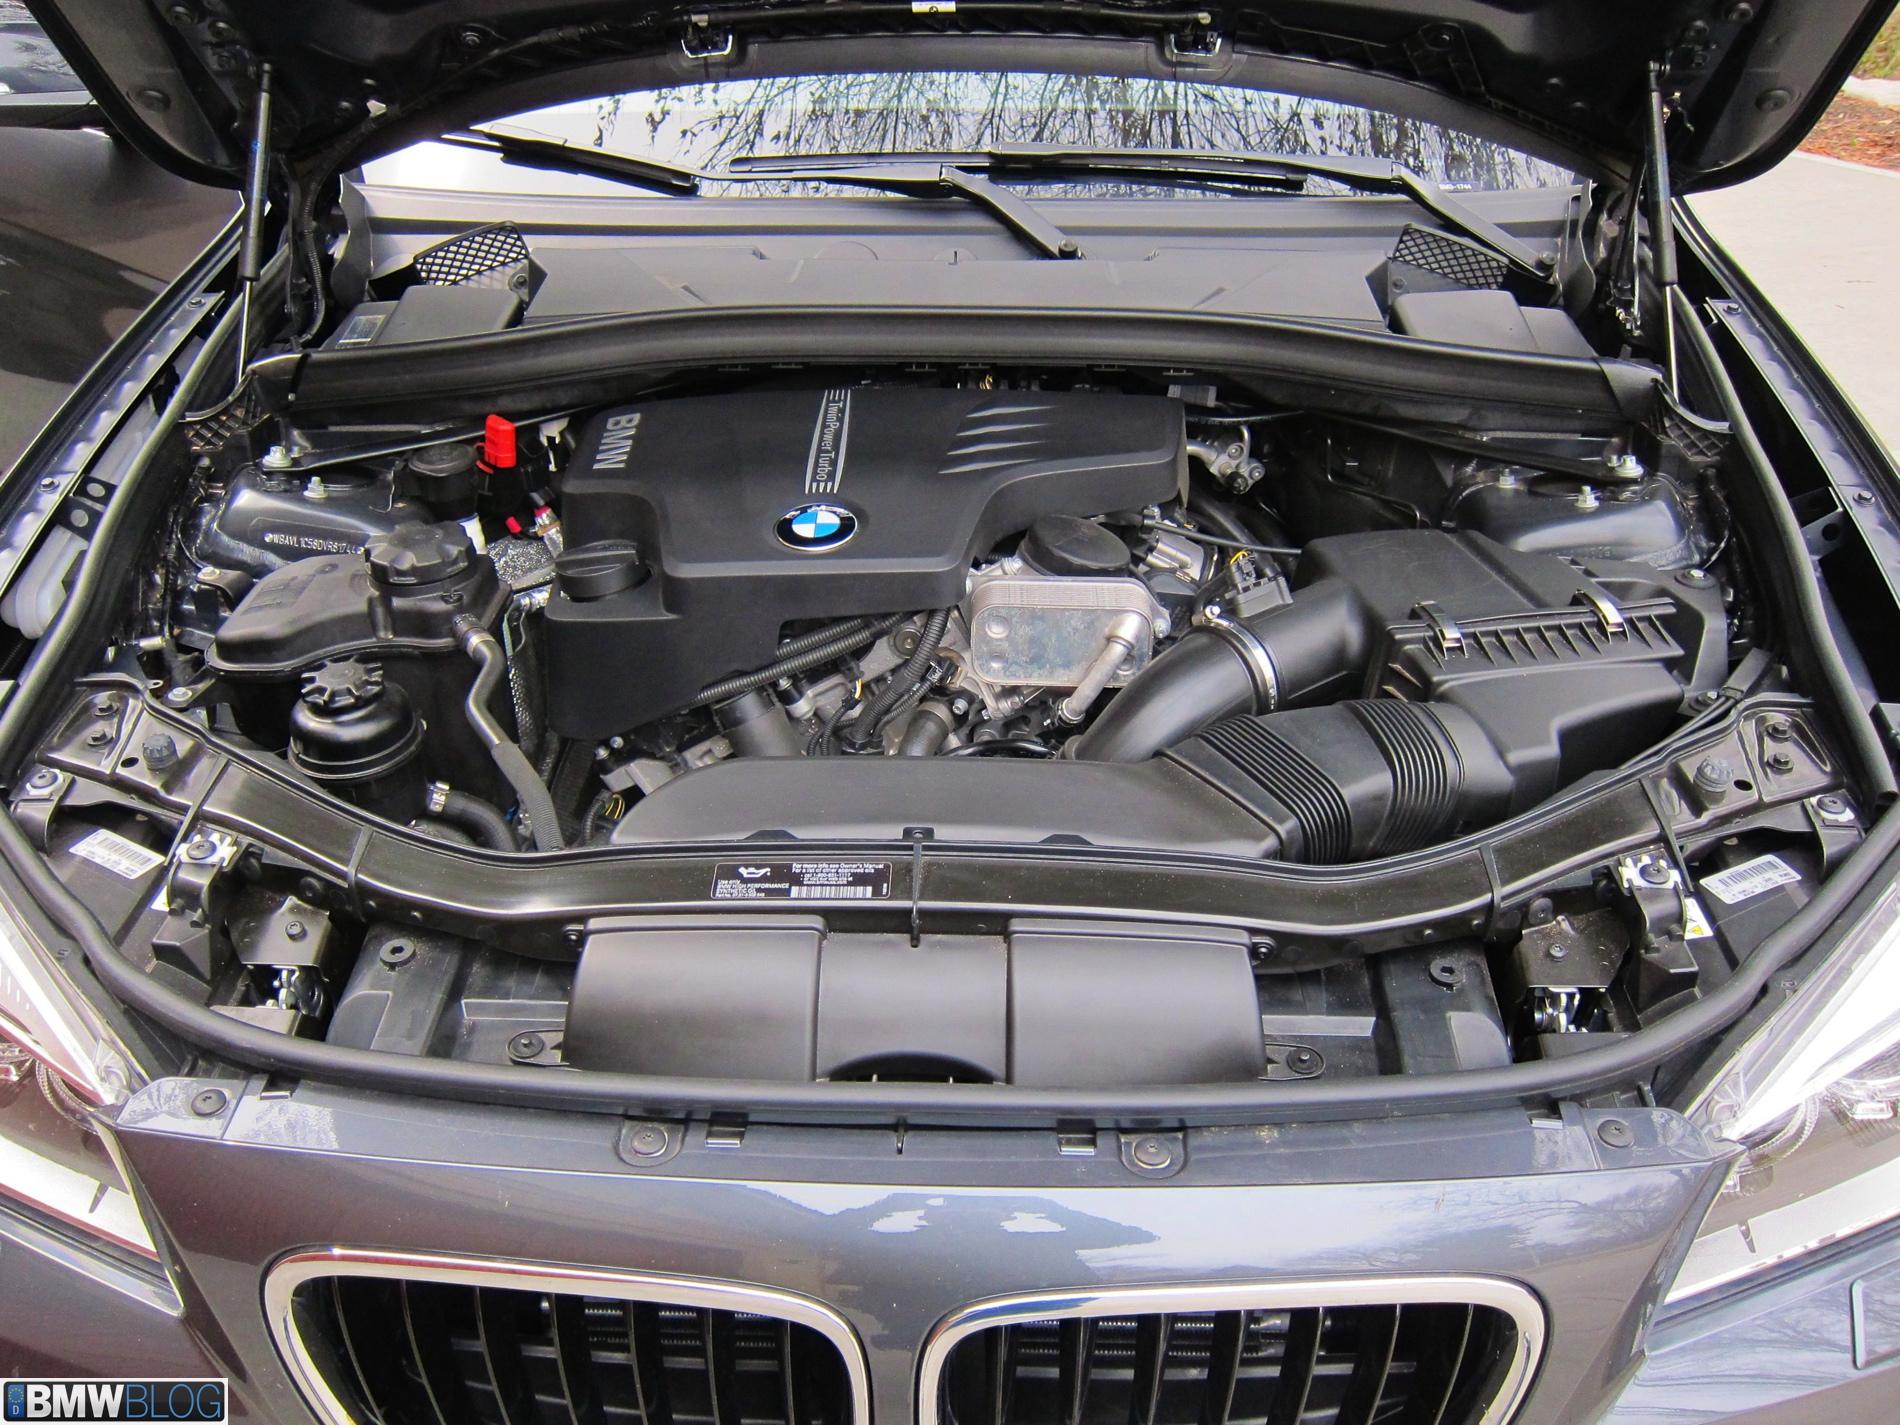 bmw x1 xdrive28i engine